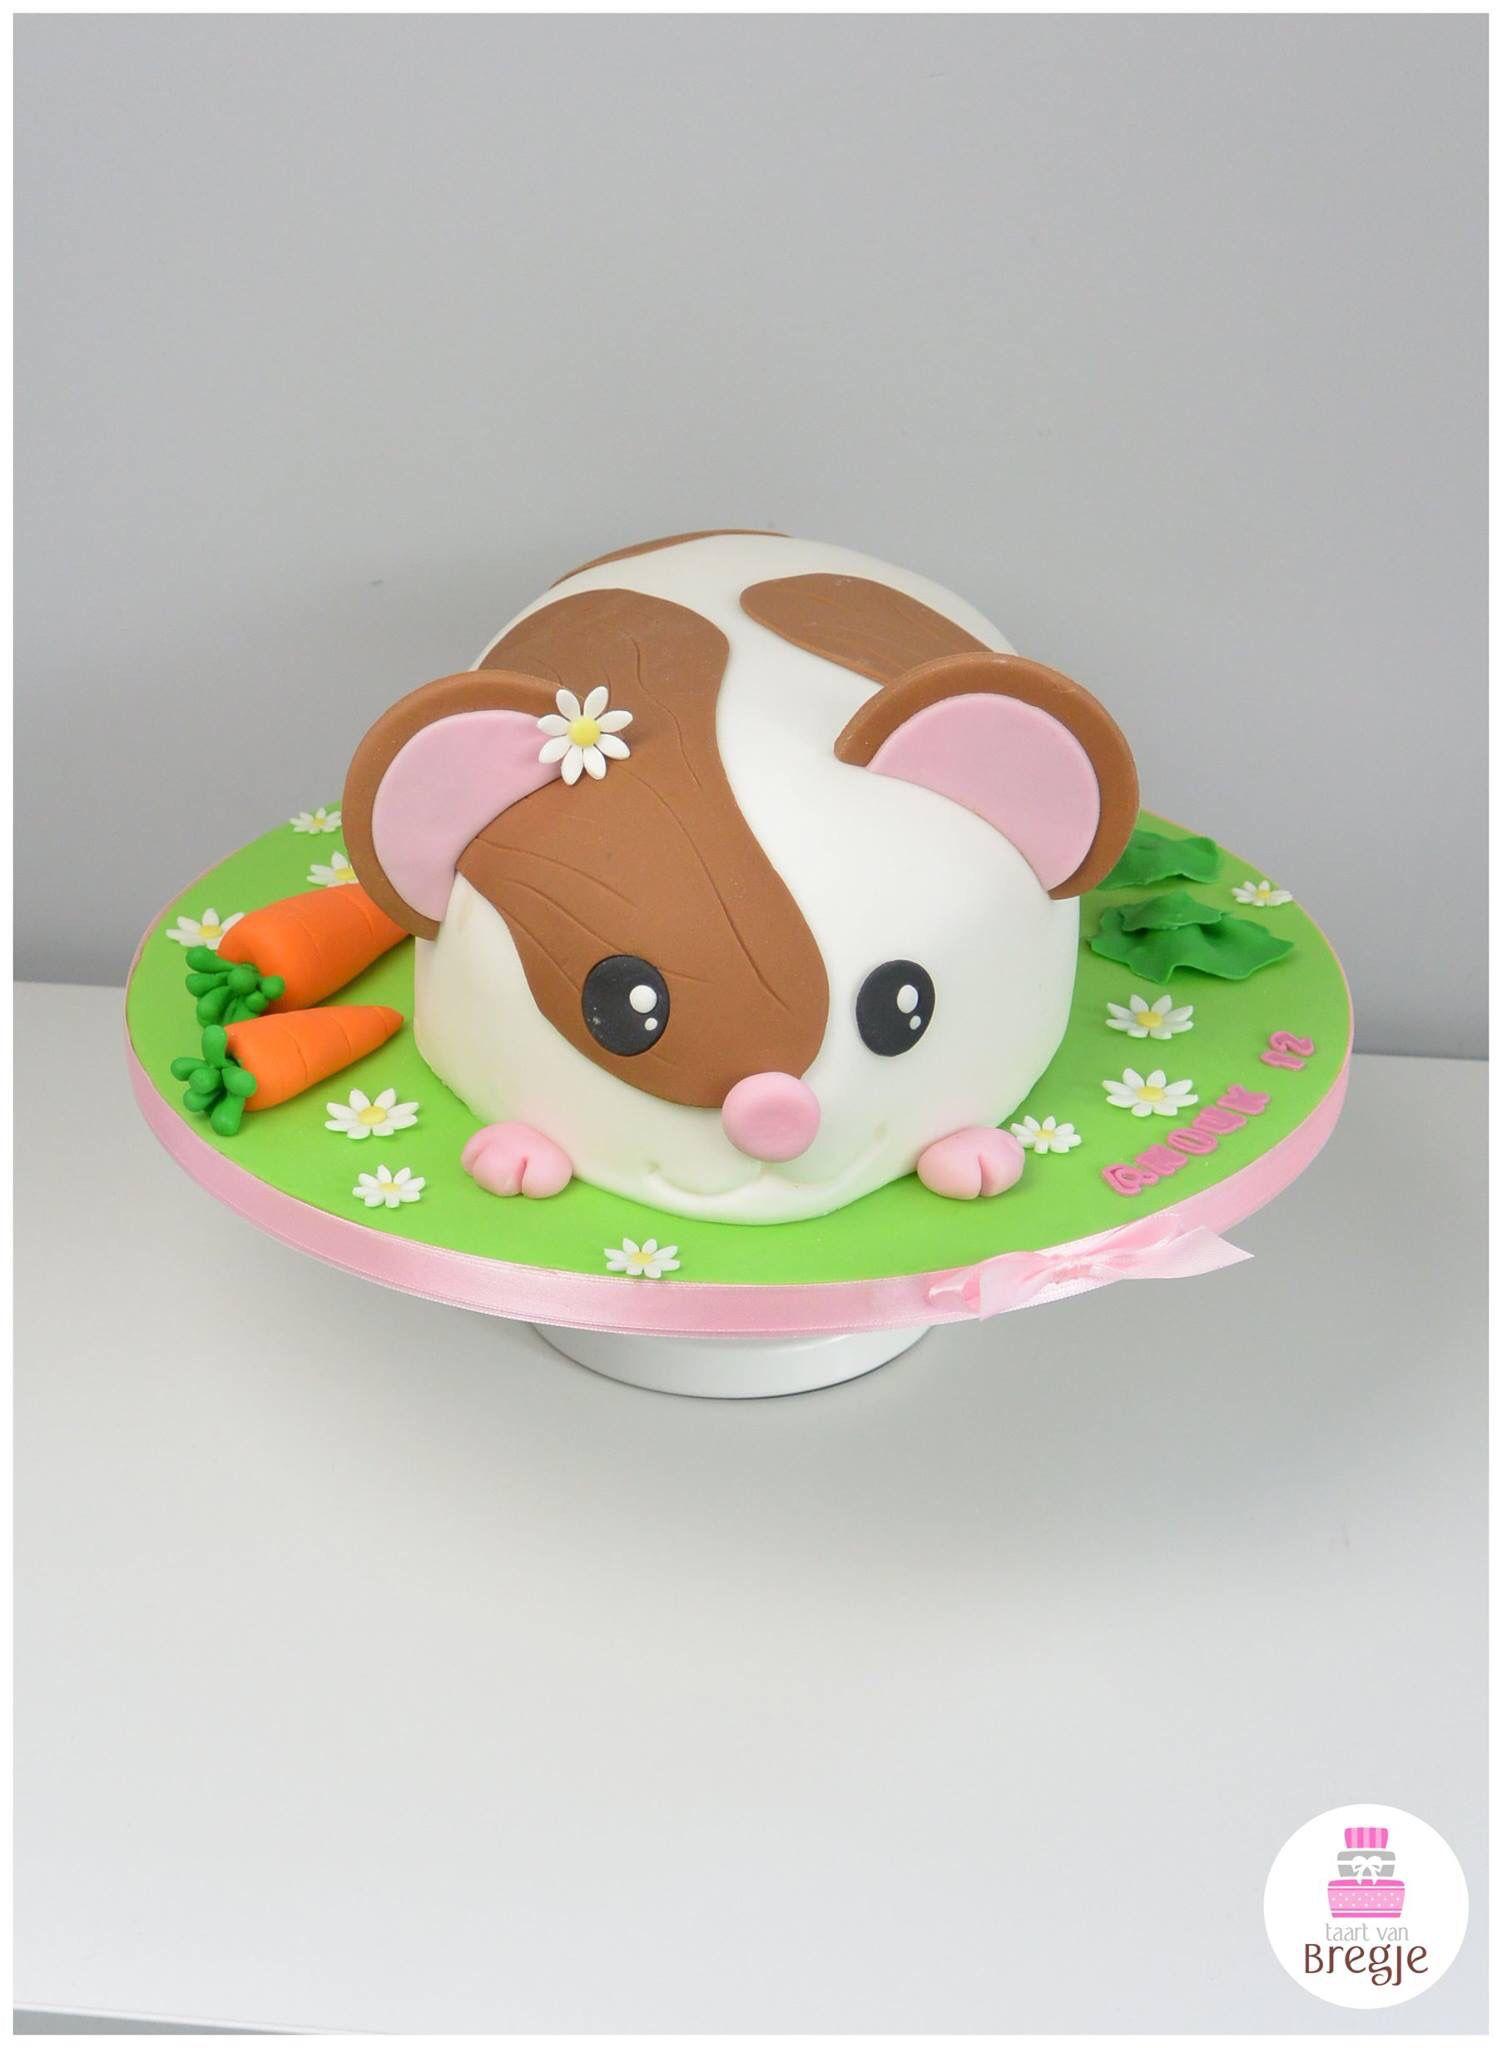 Hamster Cake Van Bregje ABBy Pinterest Cake Birthday Cakes - Hamster birthday cake